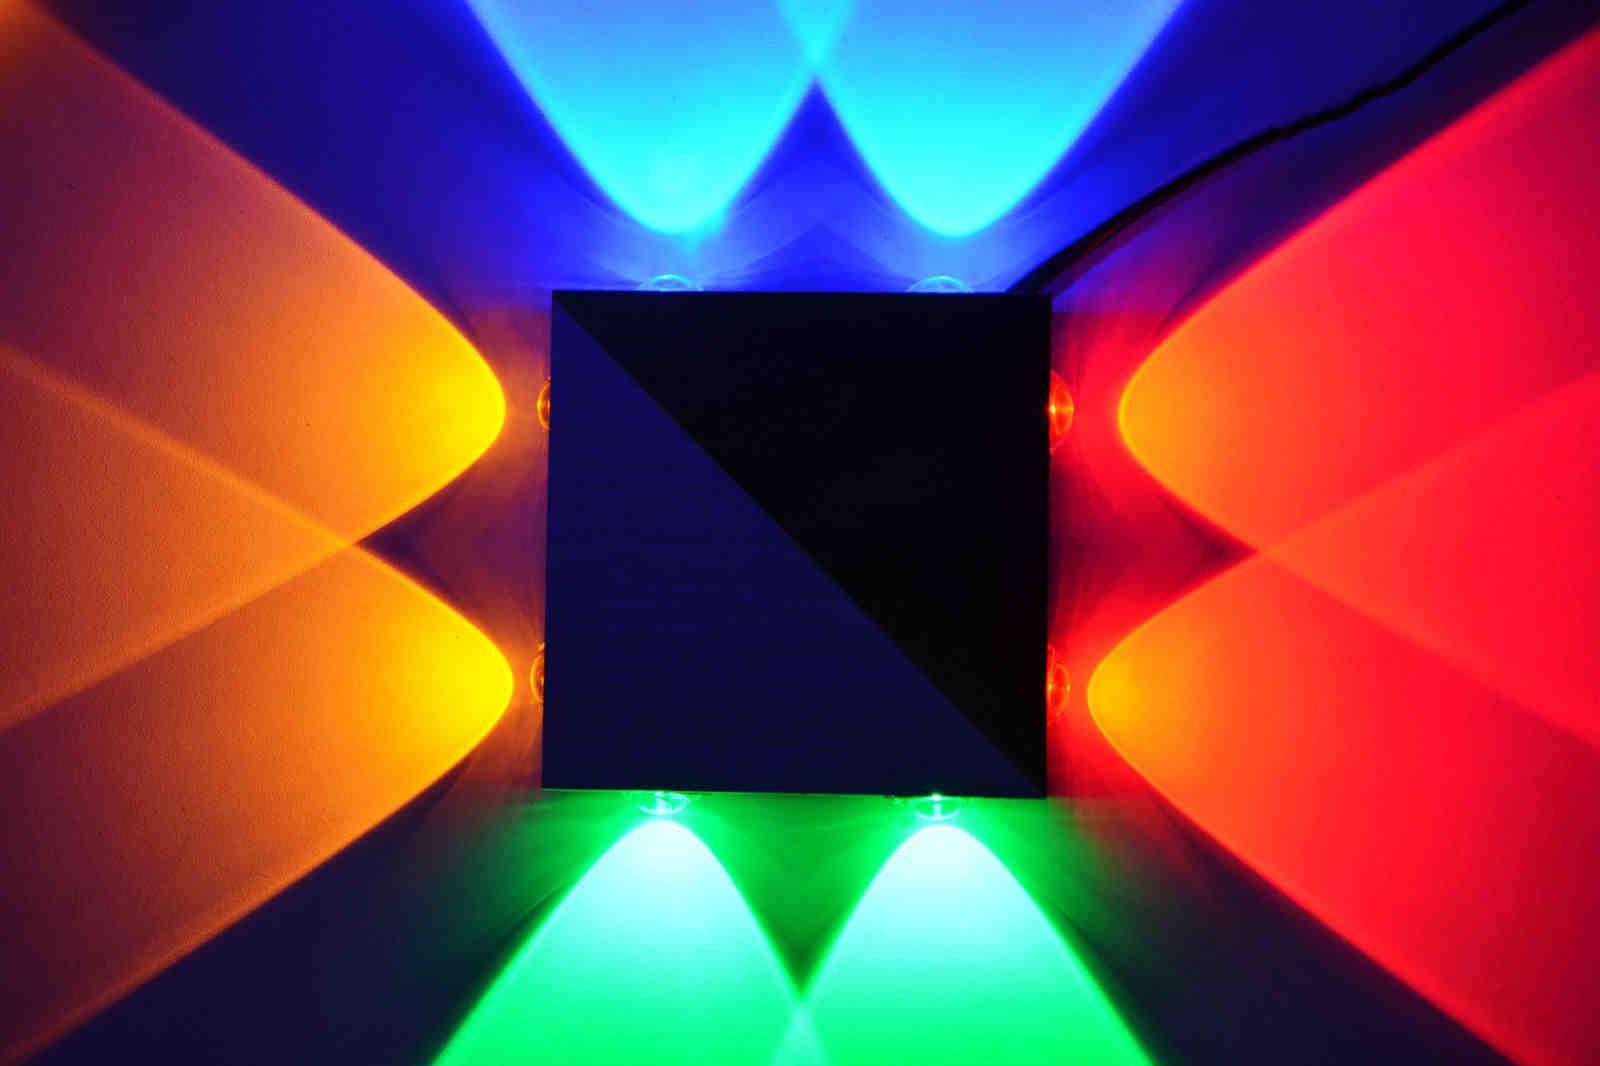 Comment savoir si c'est une ampoule LED?